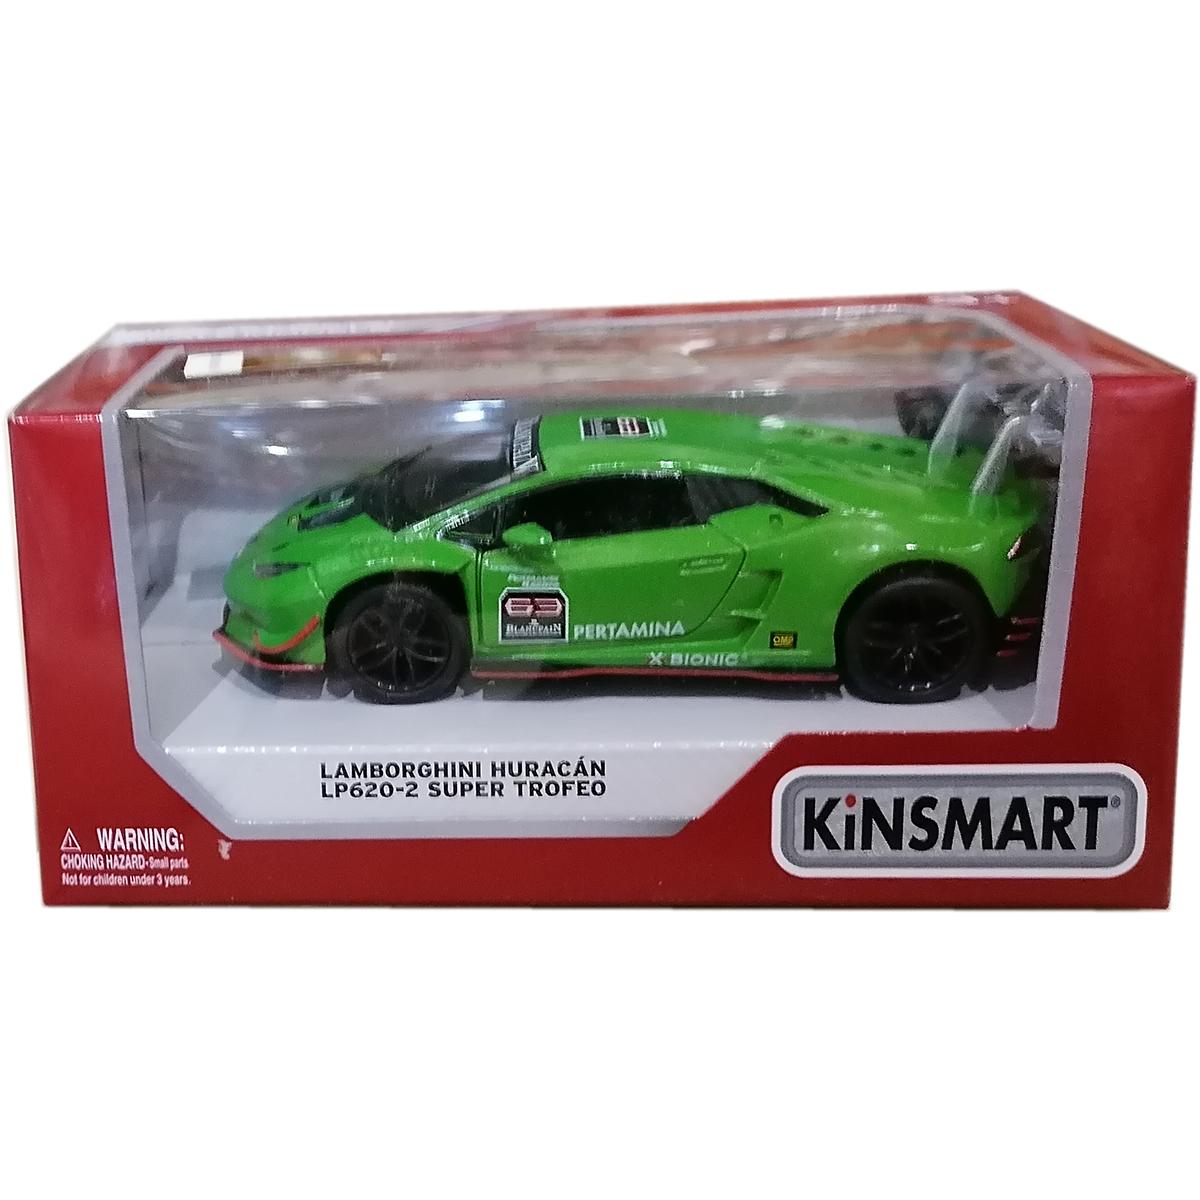 Masinuta din metal Kinsmart, Lamborghini Huracan, Verde